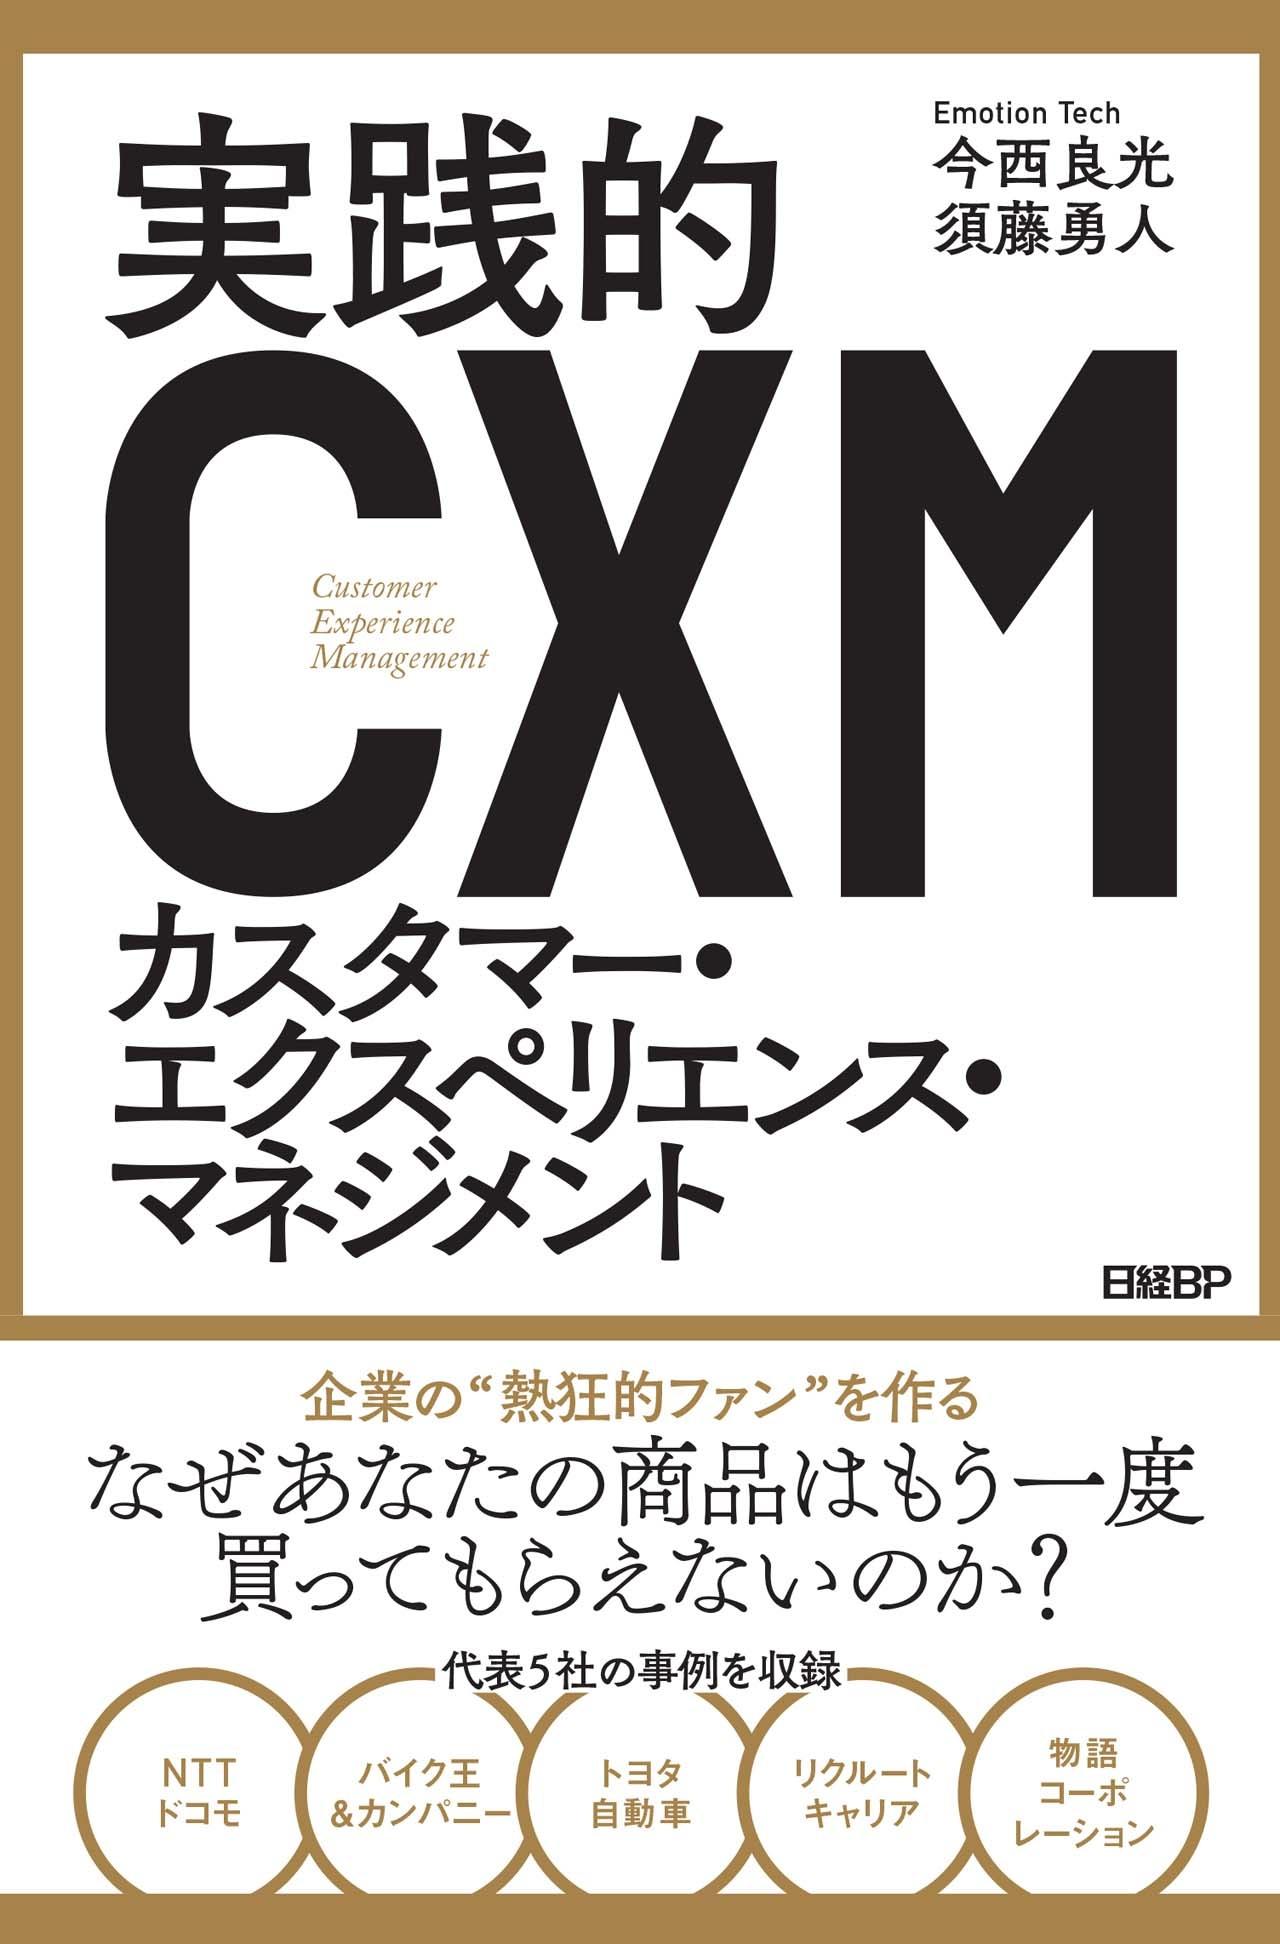 日経TRENDYCXM 実践的カスタマー・エクスペリエンス・マネジメント